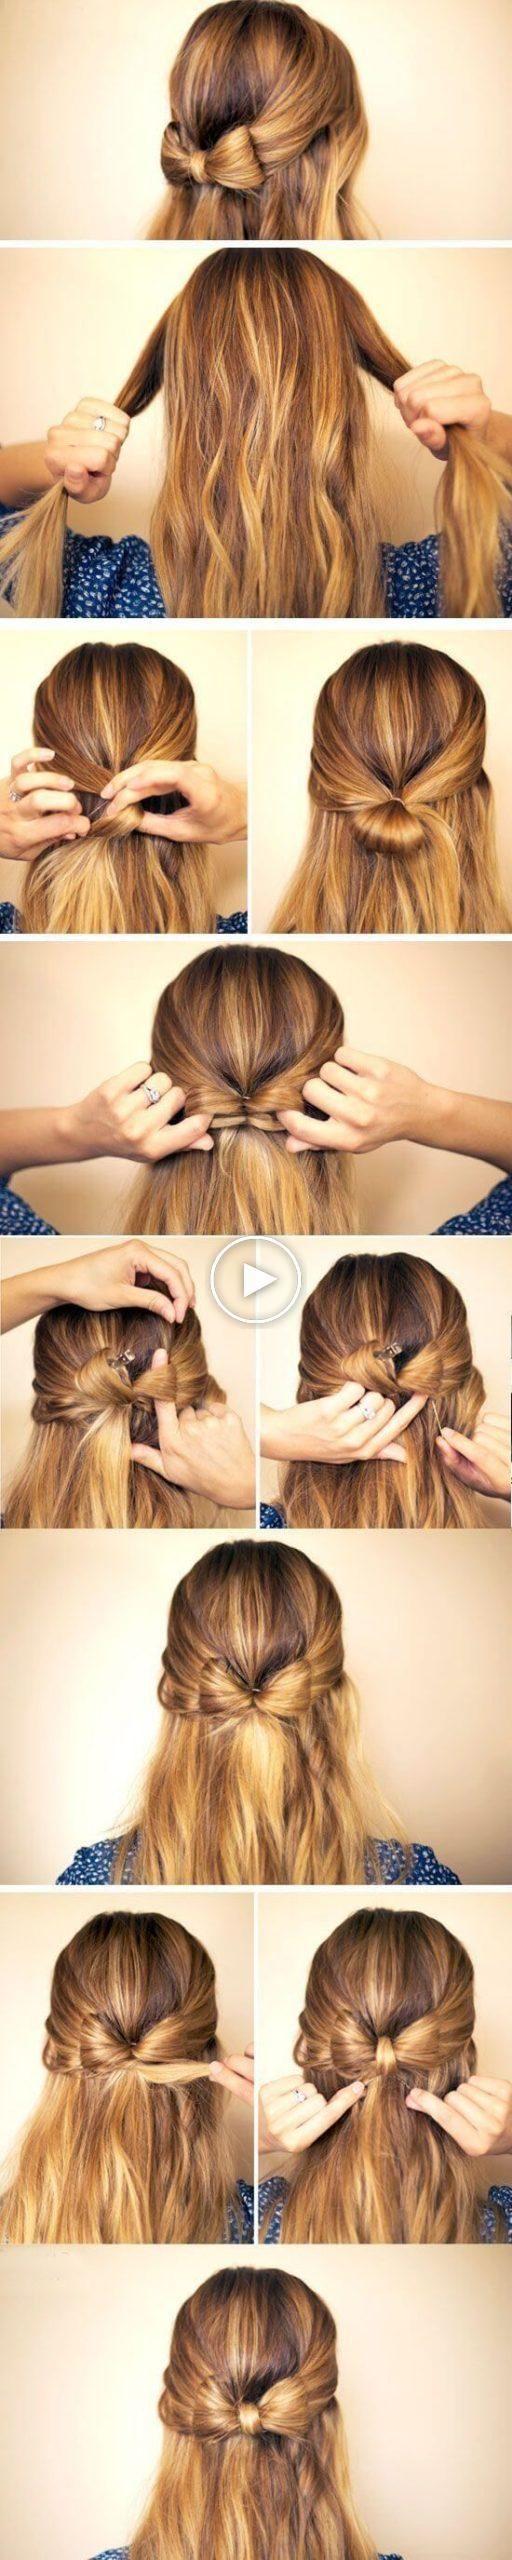 33 tutoriales de peinado paso a paso más populares – 33 tutoriales de peinado ….